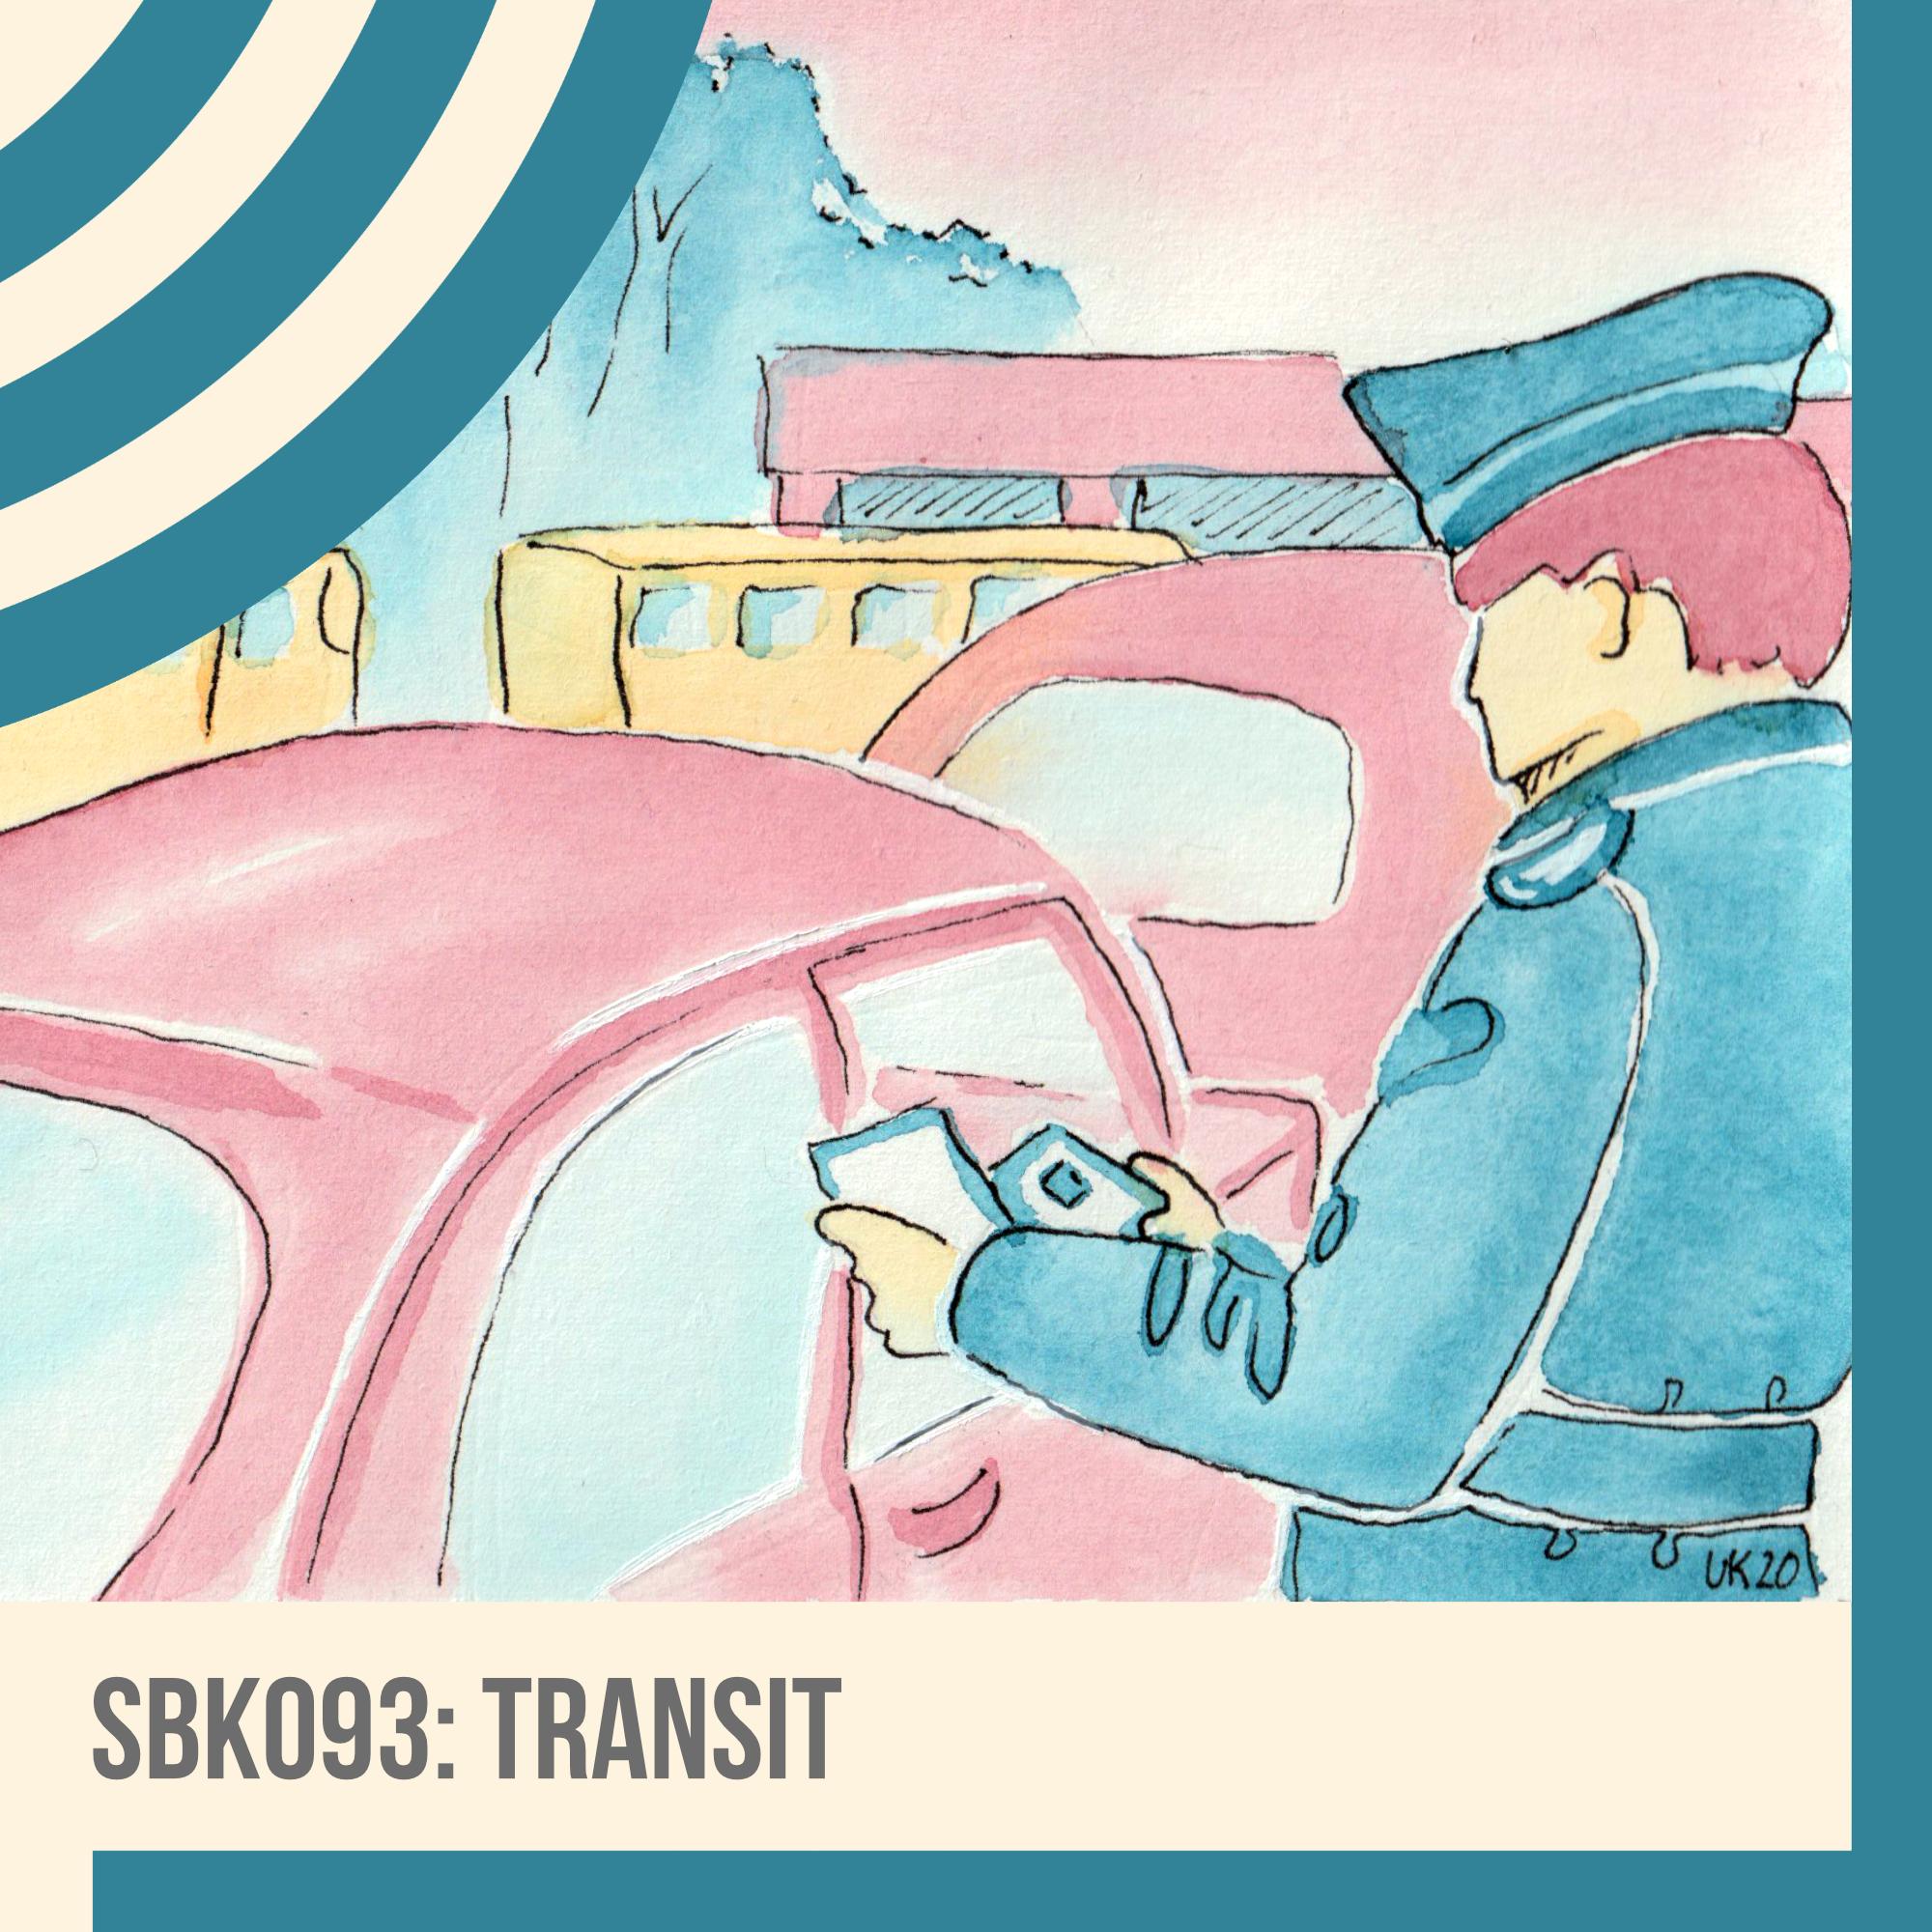 SBK093 Transit